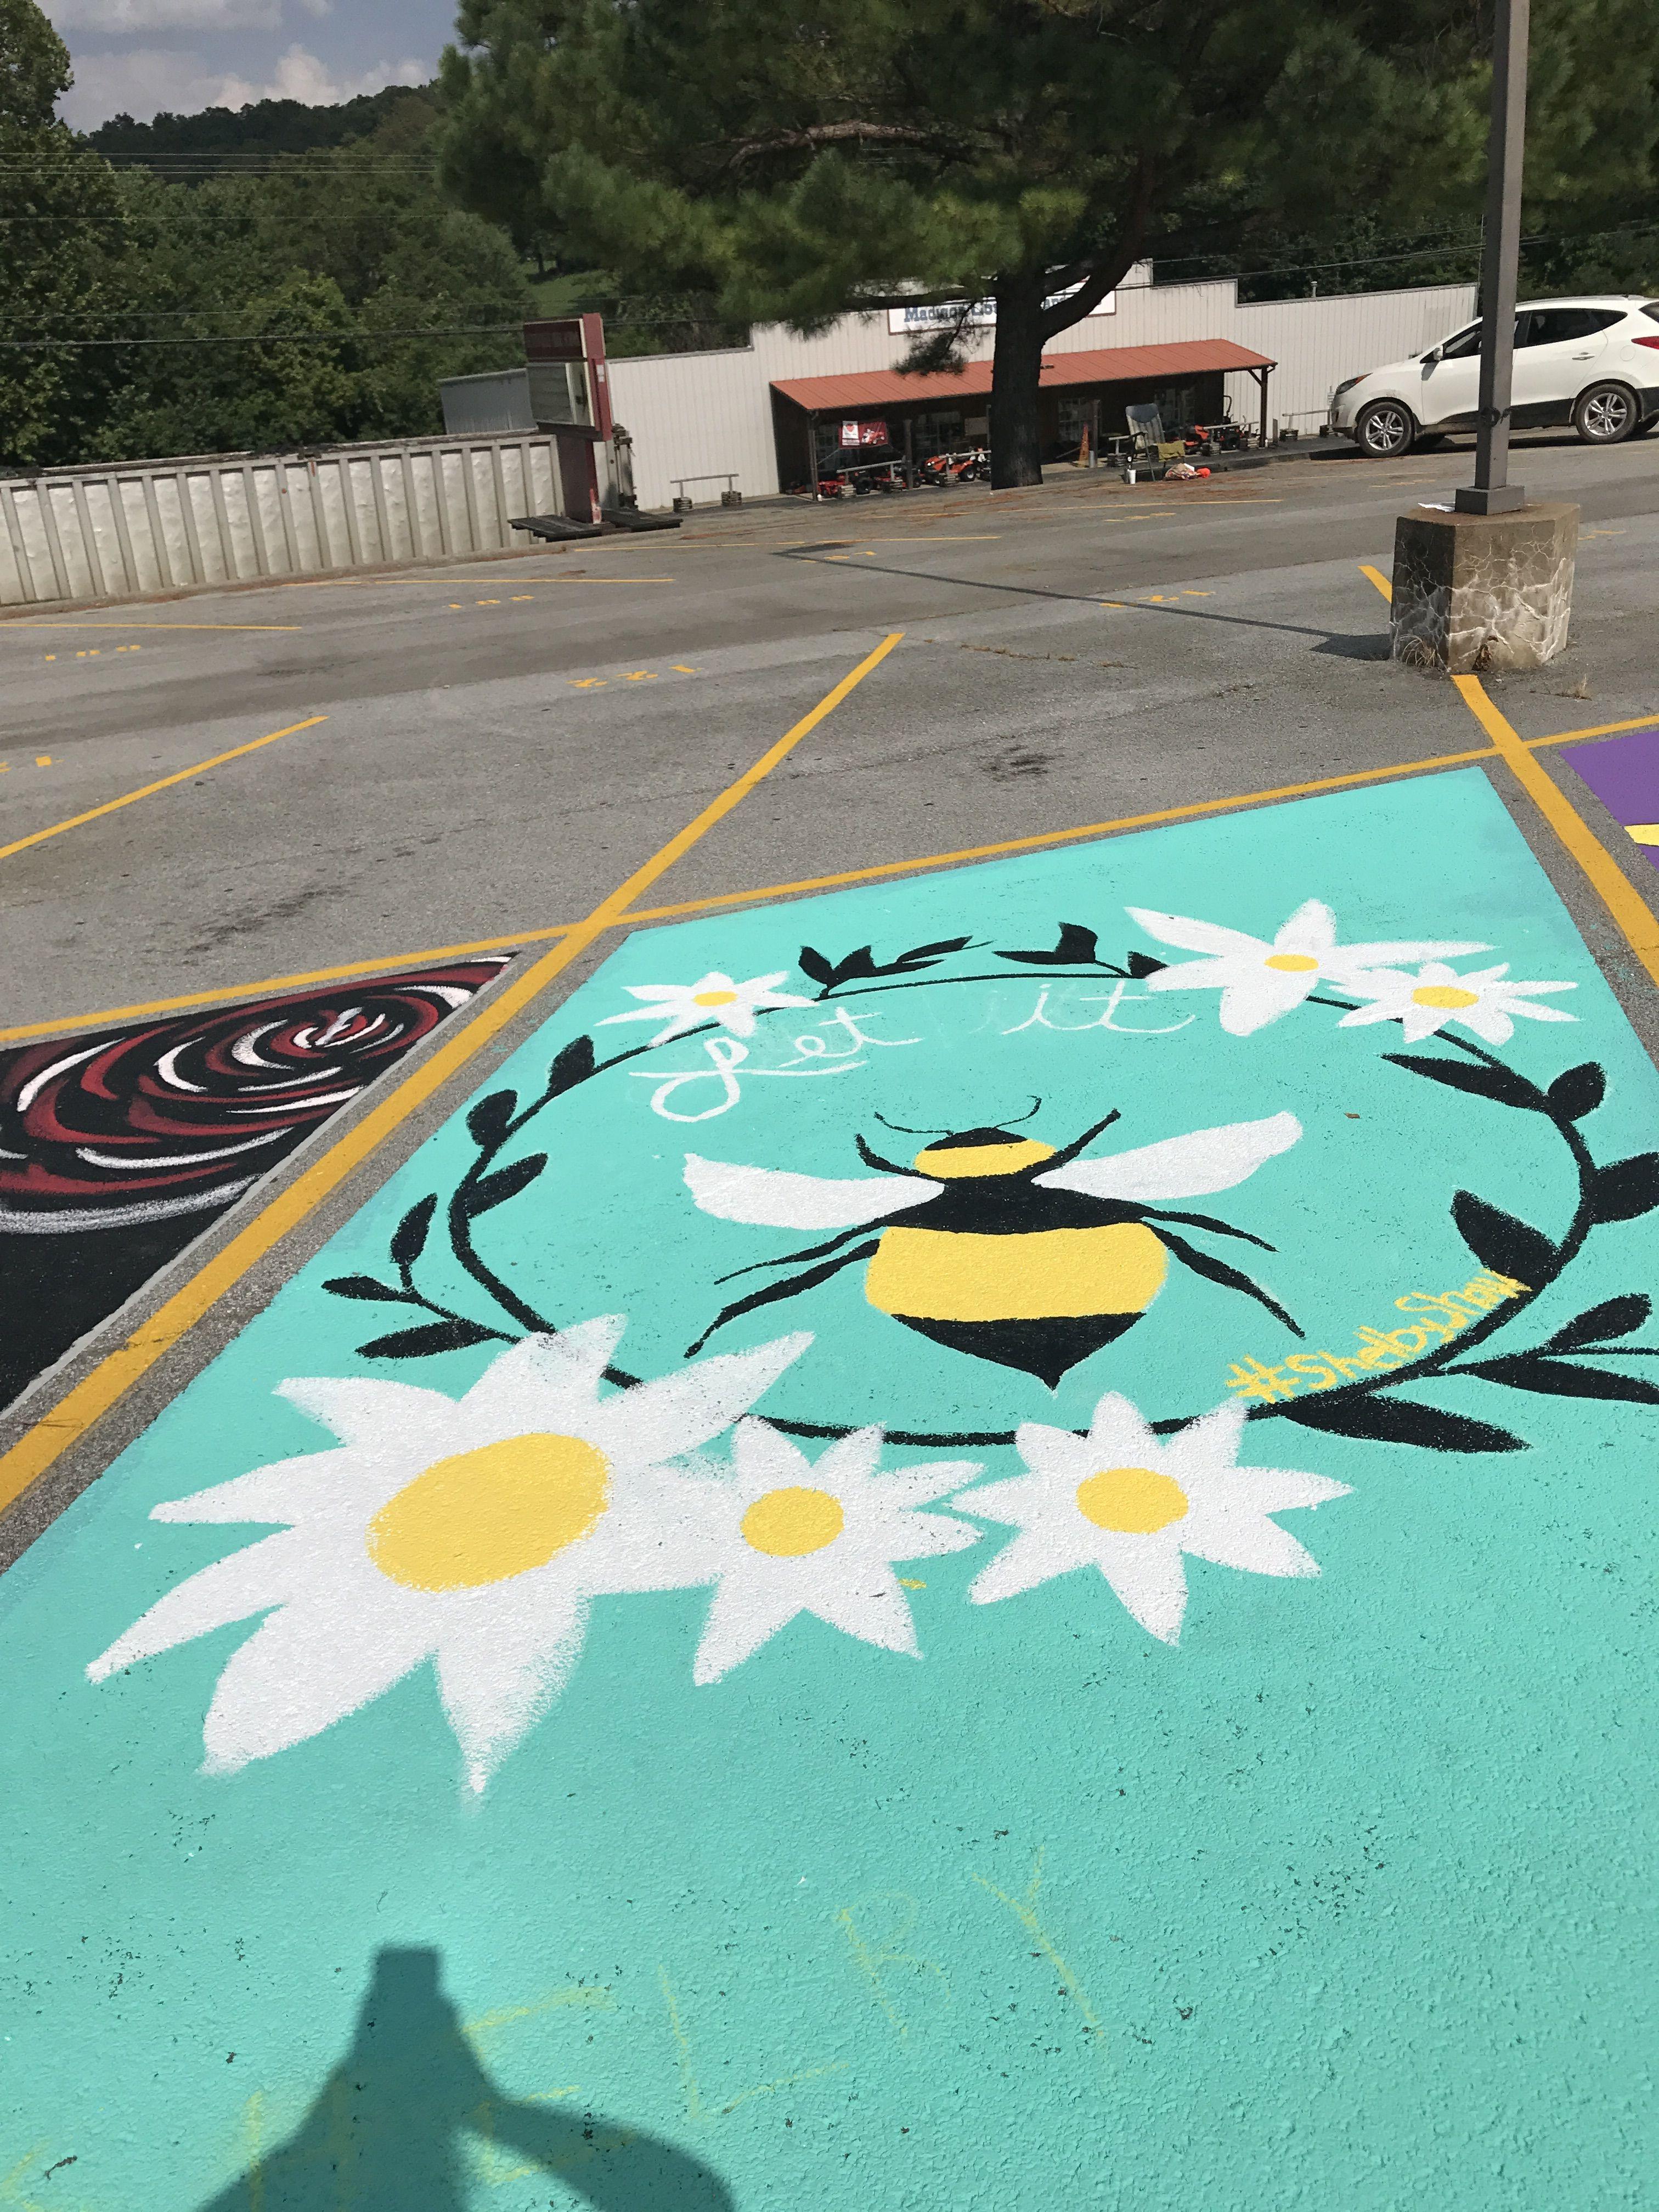 parking spot lot painting senior space let seniors chalk uploaded user murals